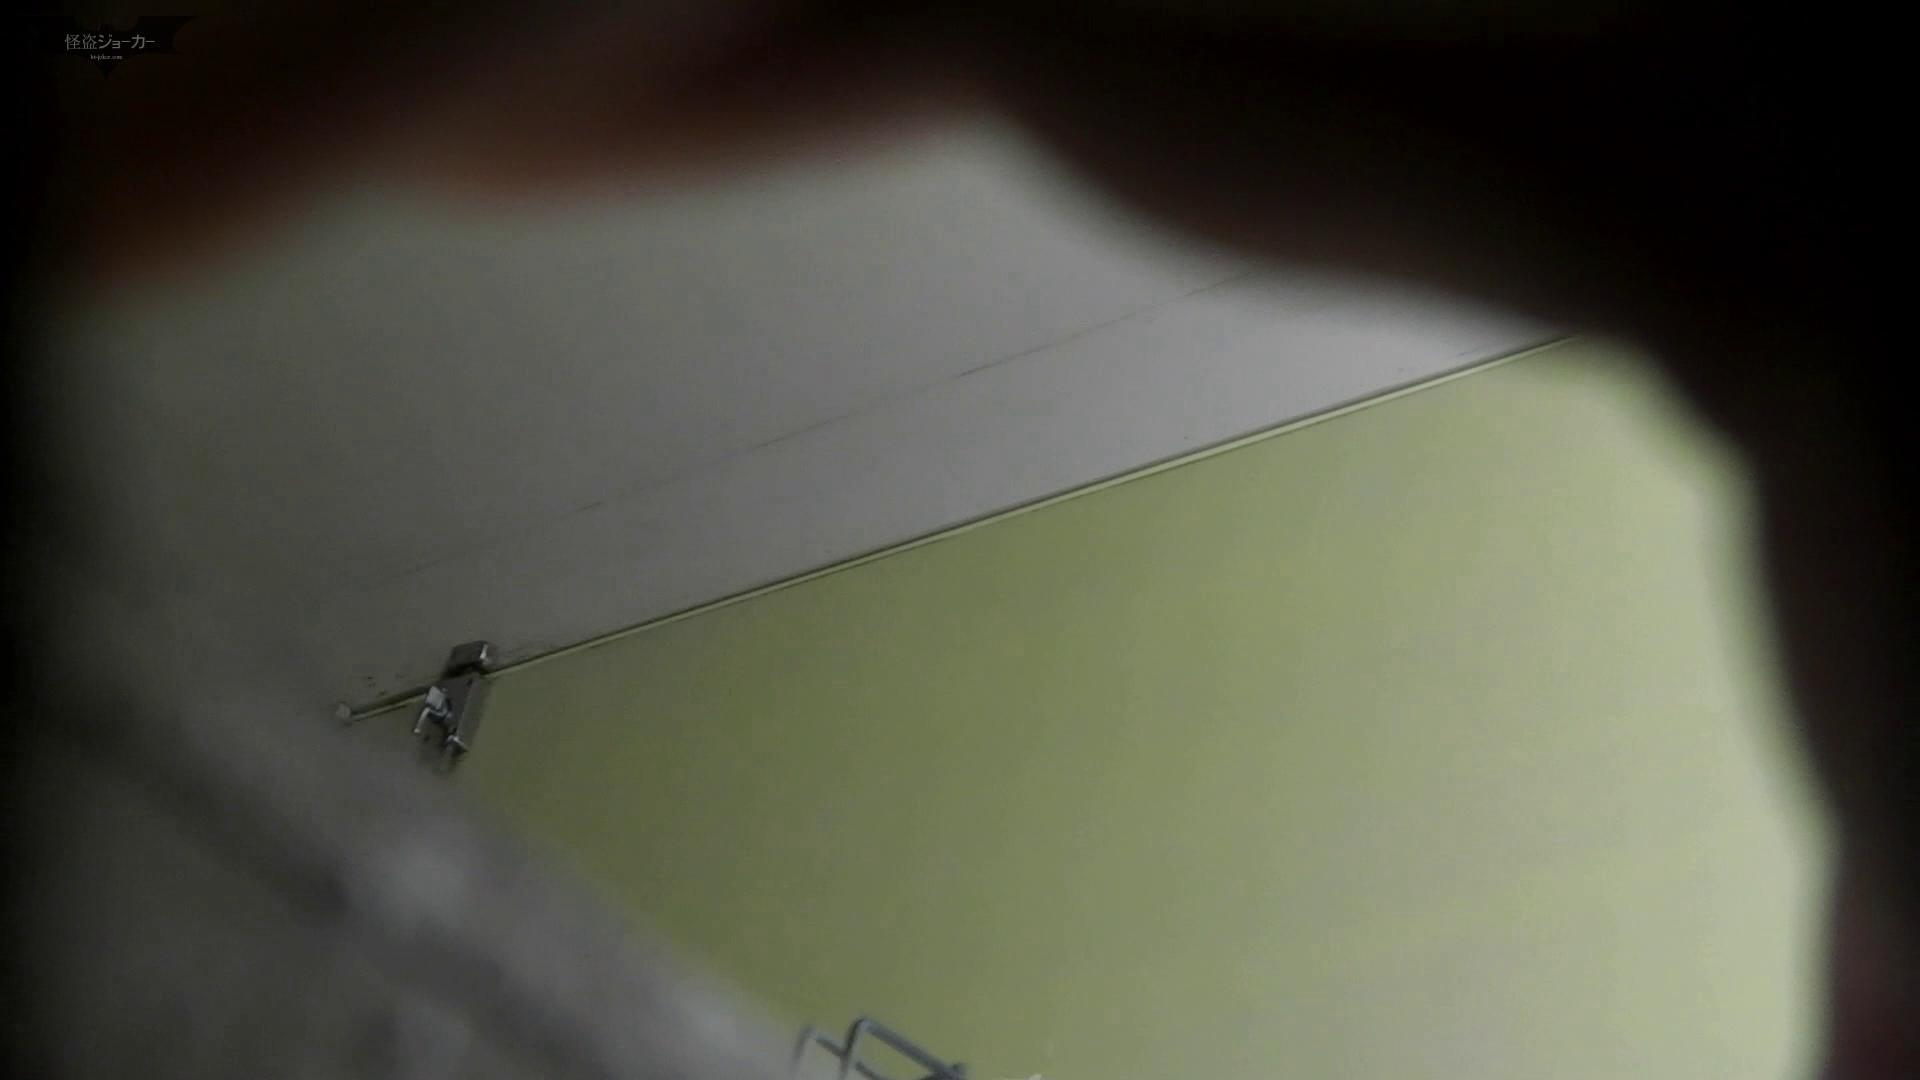 洗面所特攻隊 vol.66 珍事件発生!! 「指」で出【2015・05位】 高画質  83PIX 83